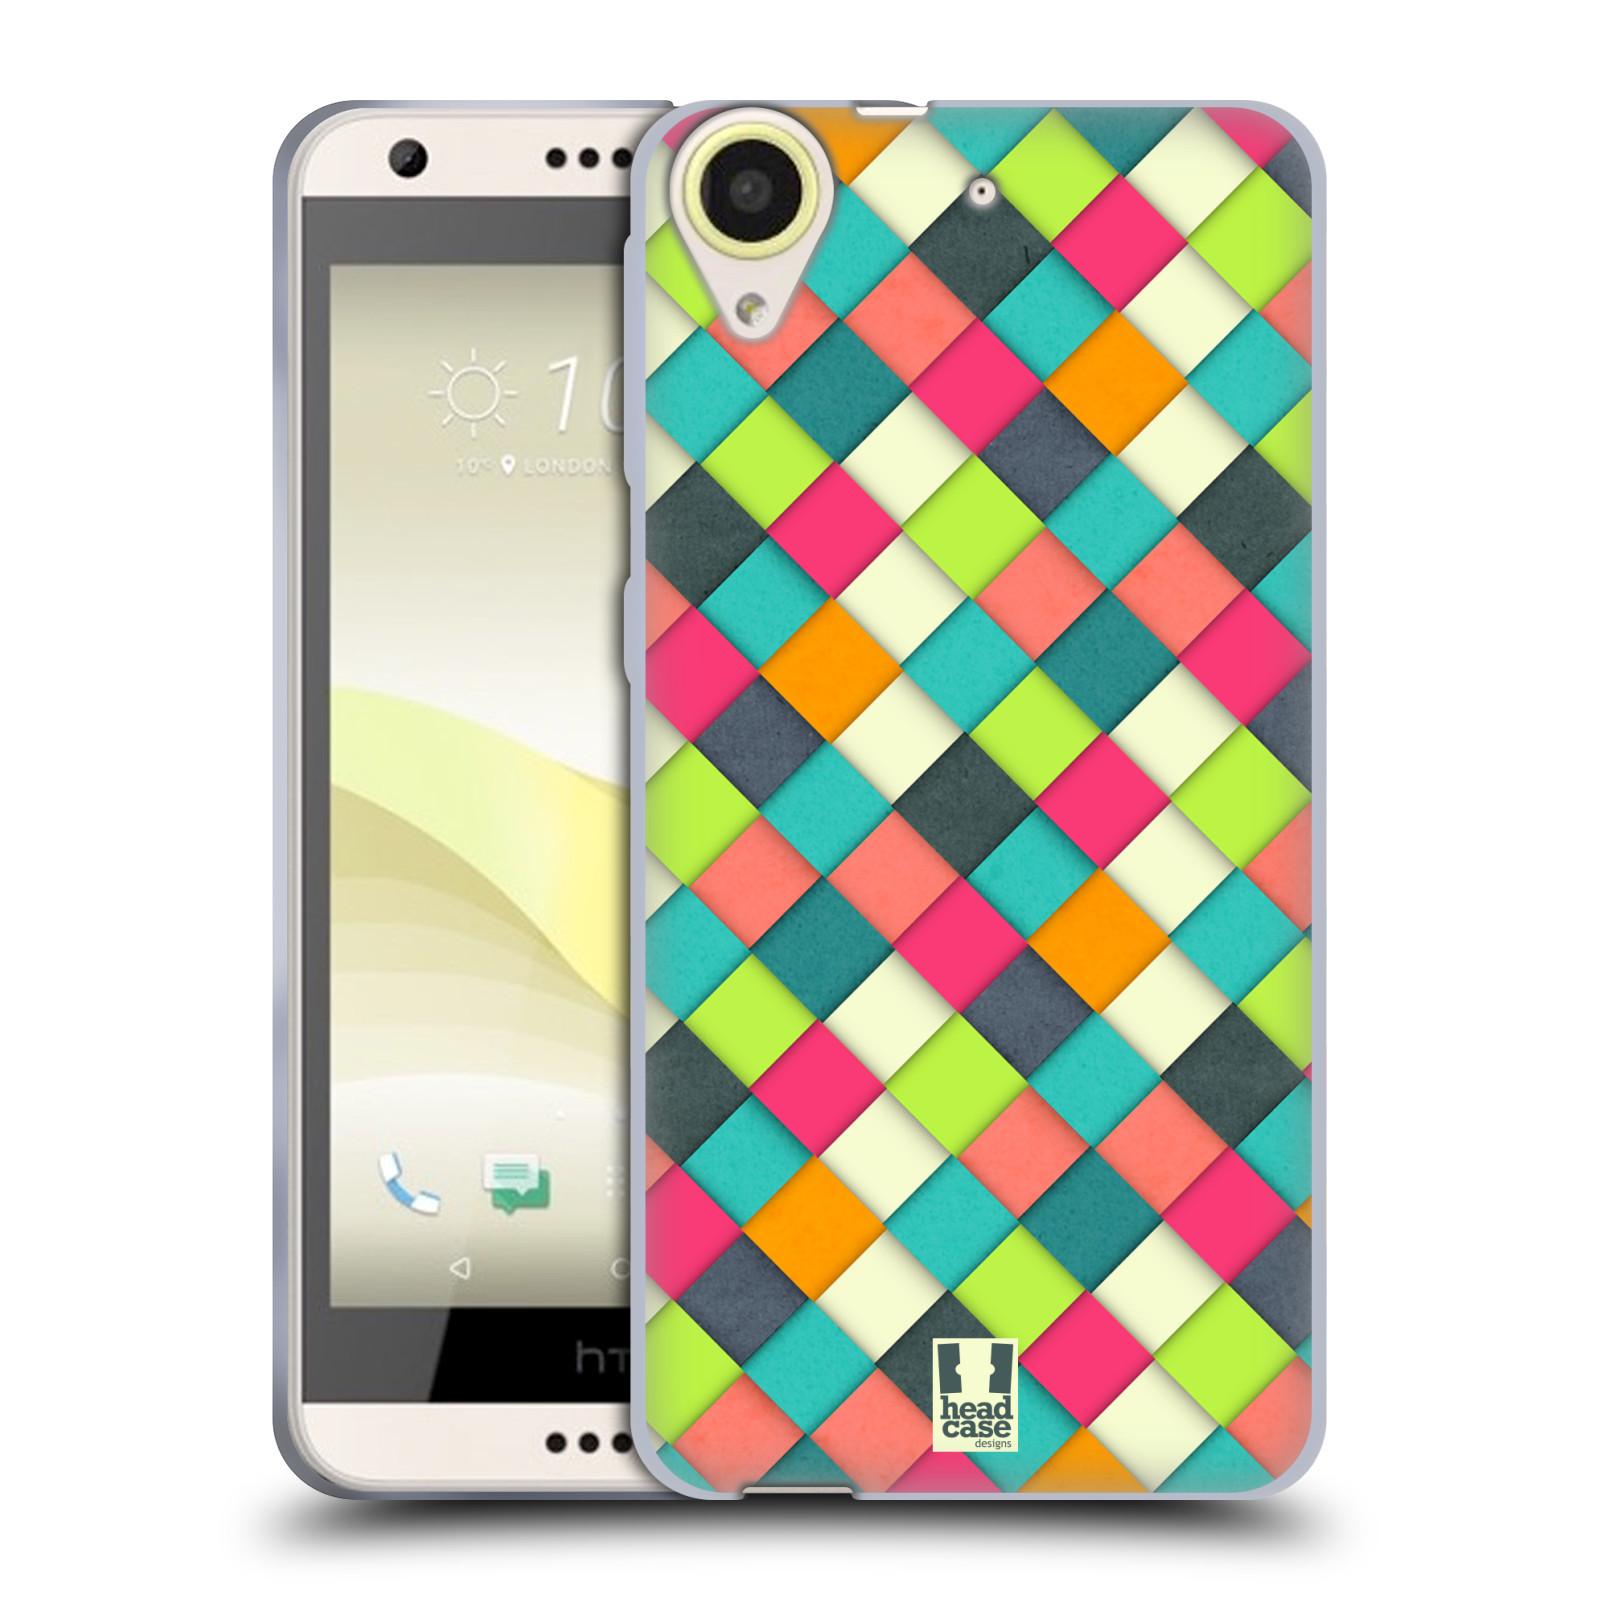 Silikonové pouzdro na mobil HTC Desire 650 HEAD CASE WOVEN (Silikonový kryt či obal na mobilní telefon HTC Desire 650)